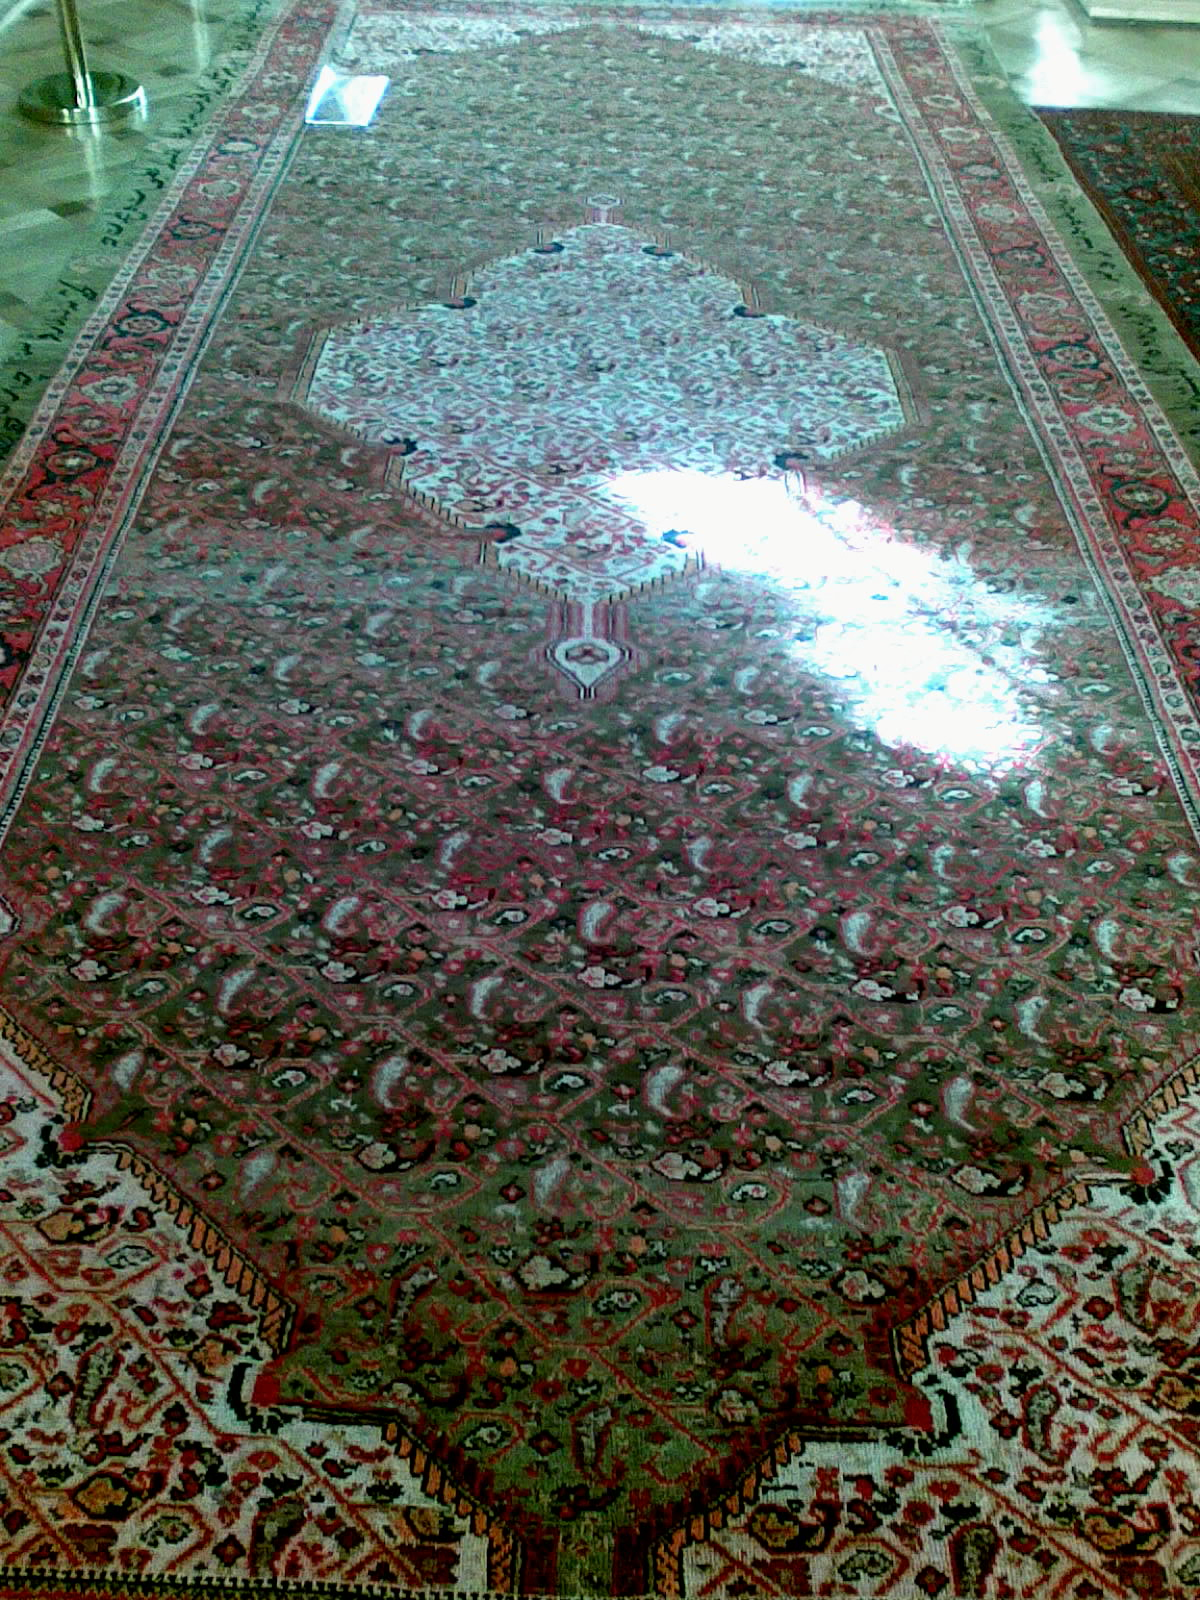 Revan Hanı Hüseyin Ali Han'a ait, Tebriz'de dokunmuş Melayir halısı